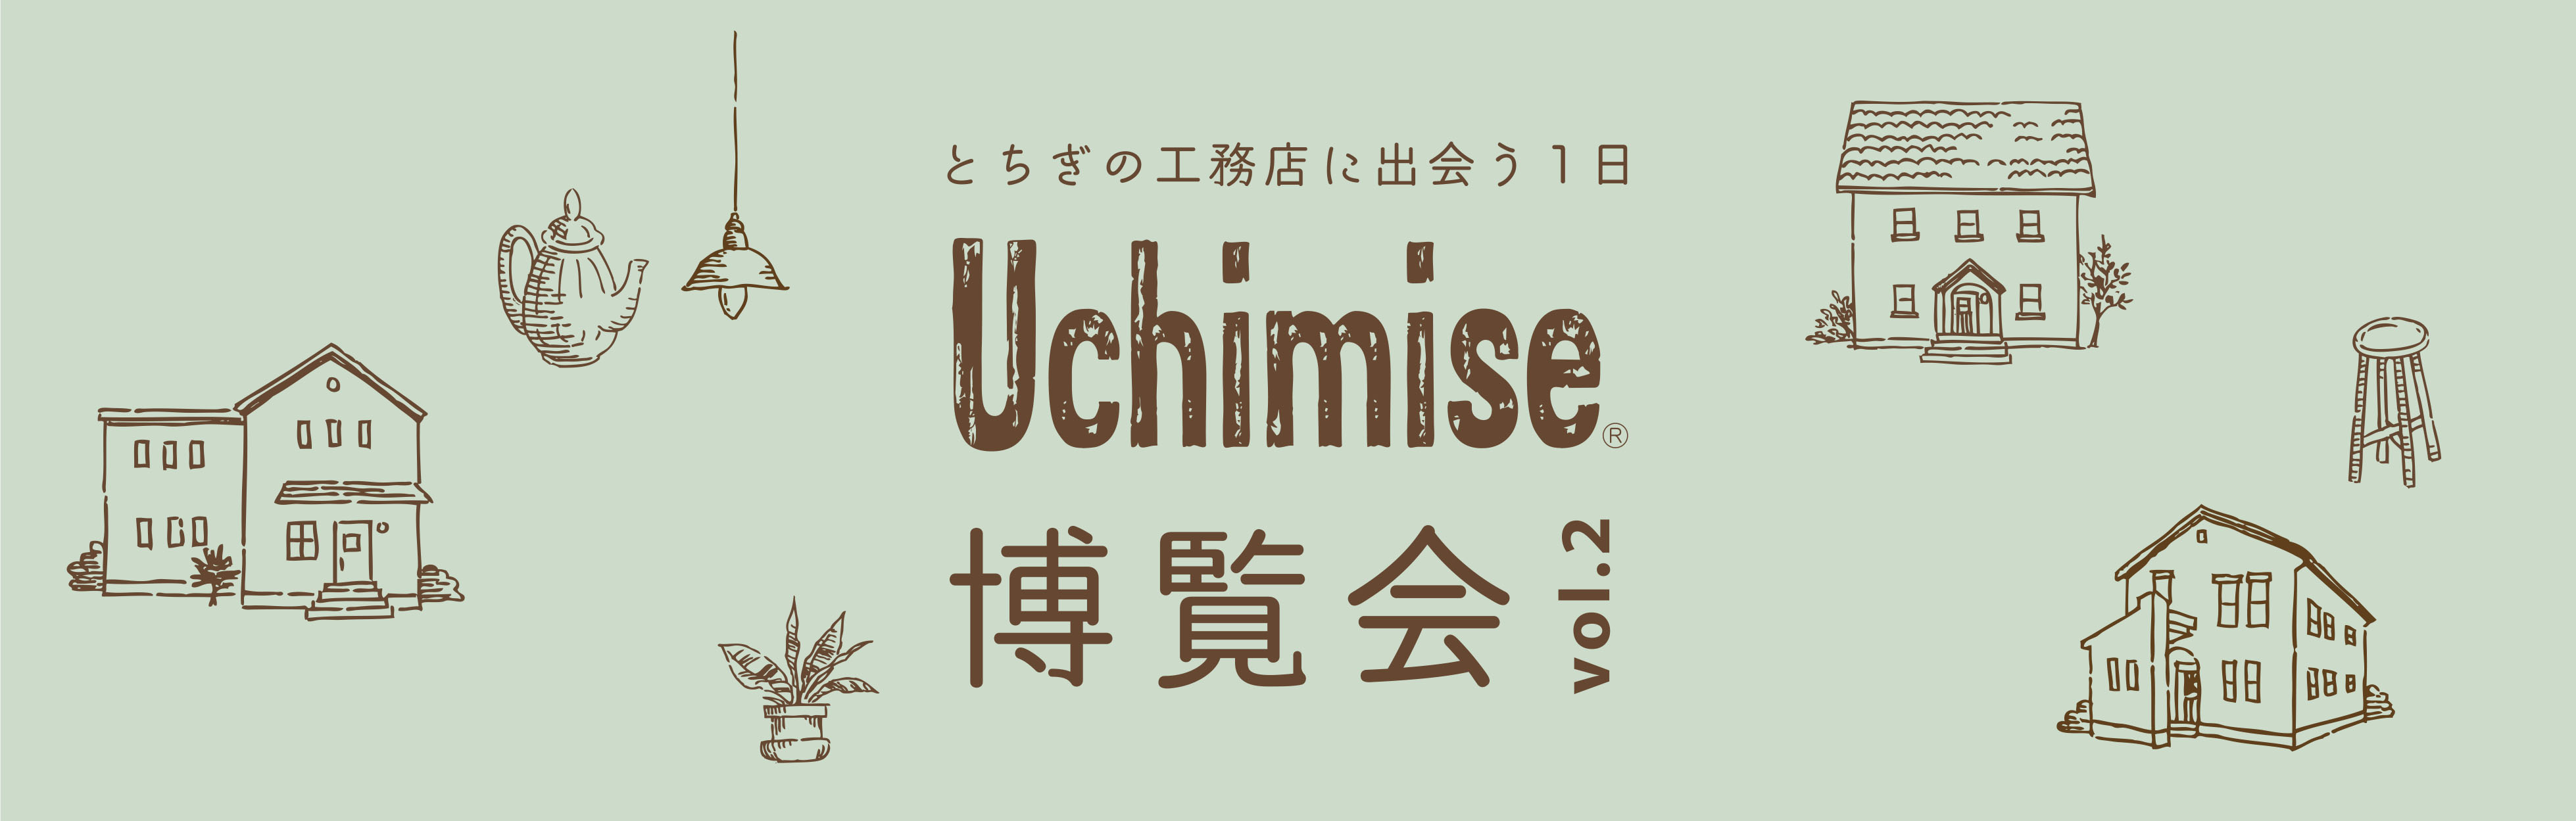 Uchimise博覧会 vol.2 2020/3/29(日)に開催決定!